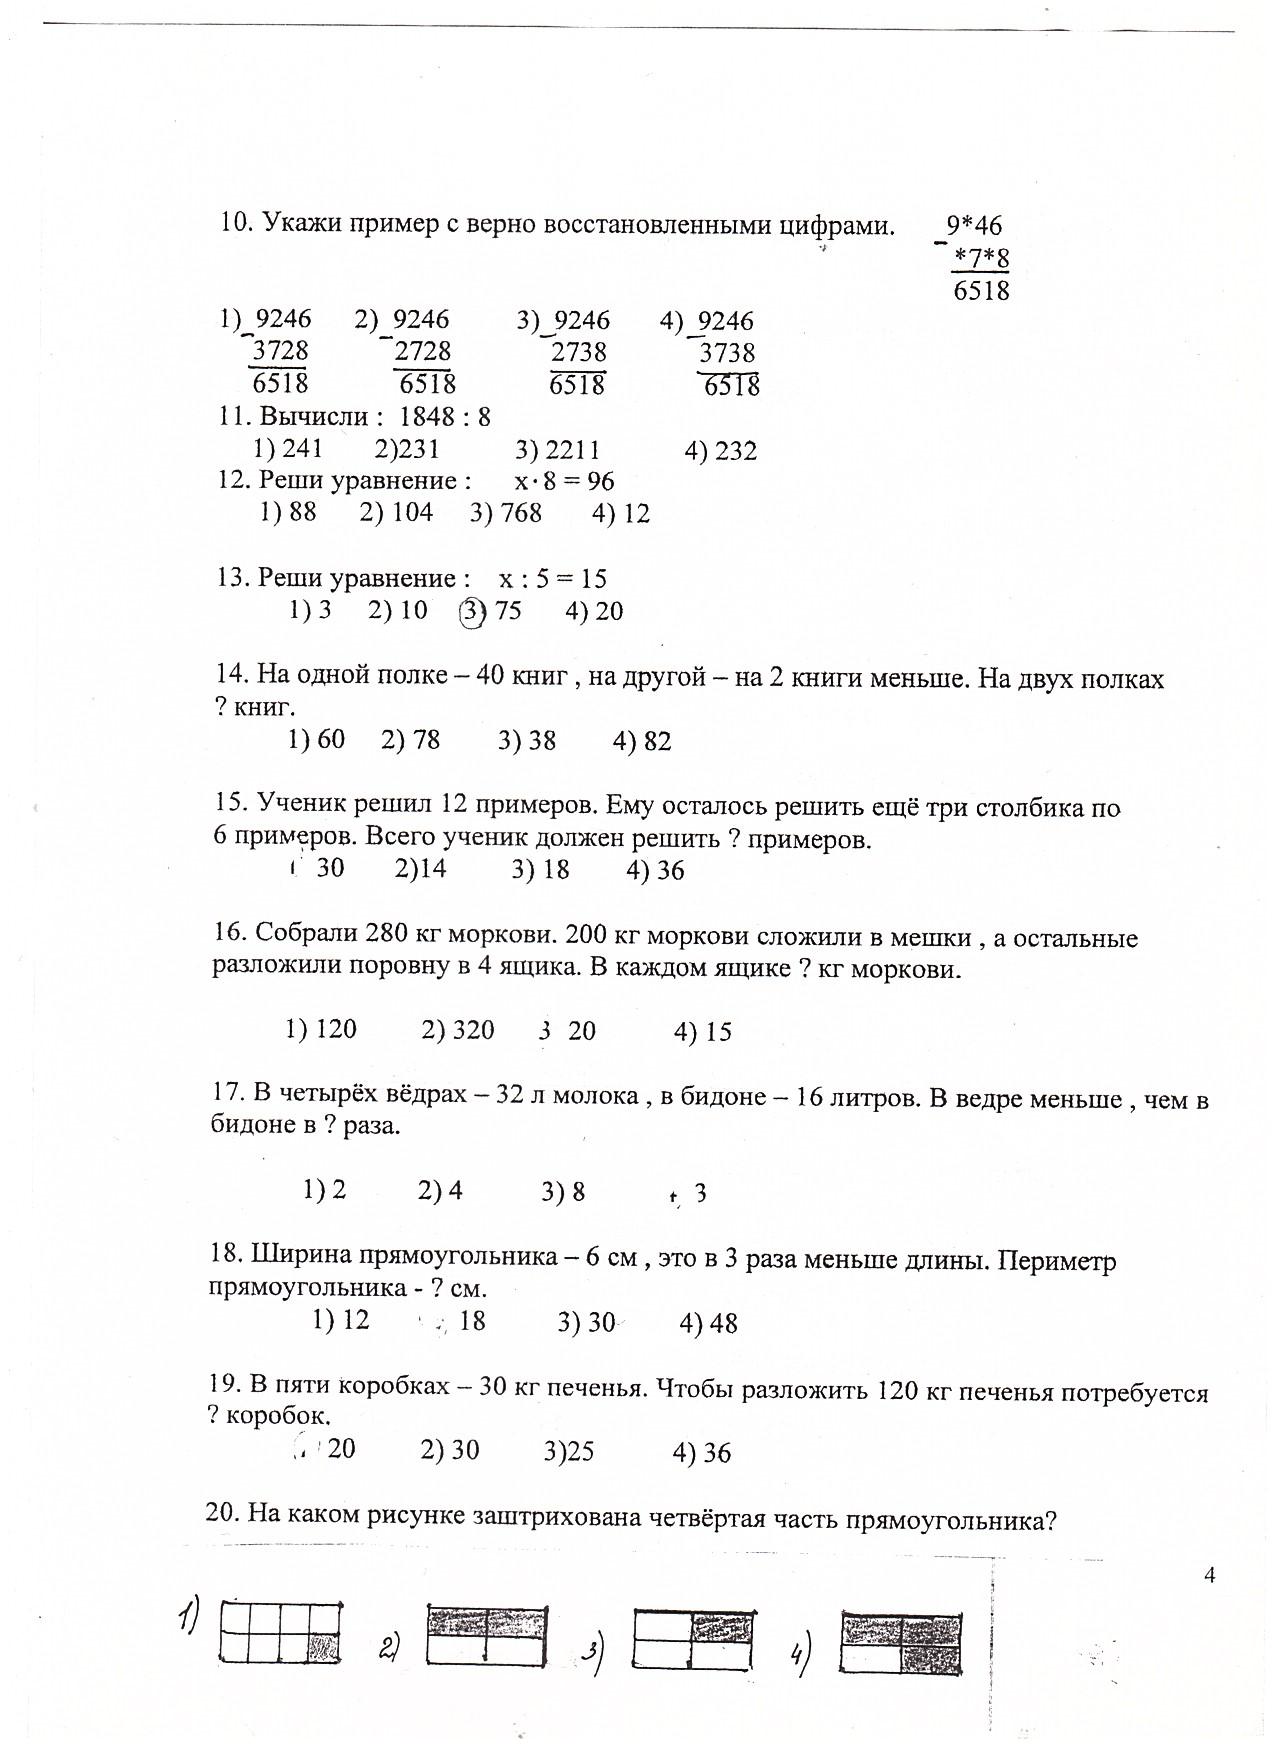 Итоговый тест за первое полугодие по биологии 9 класс